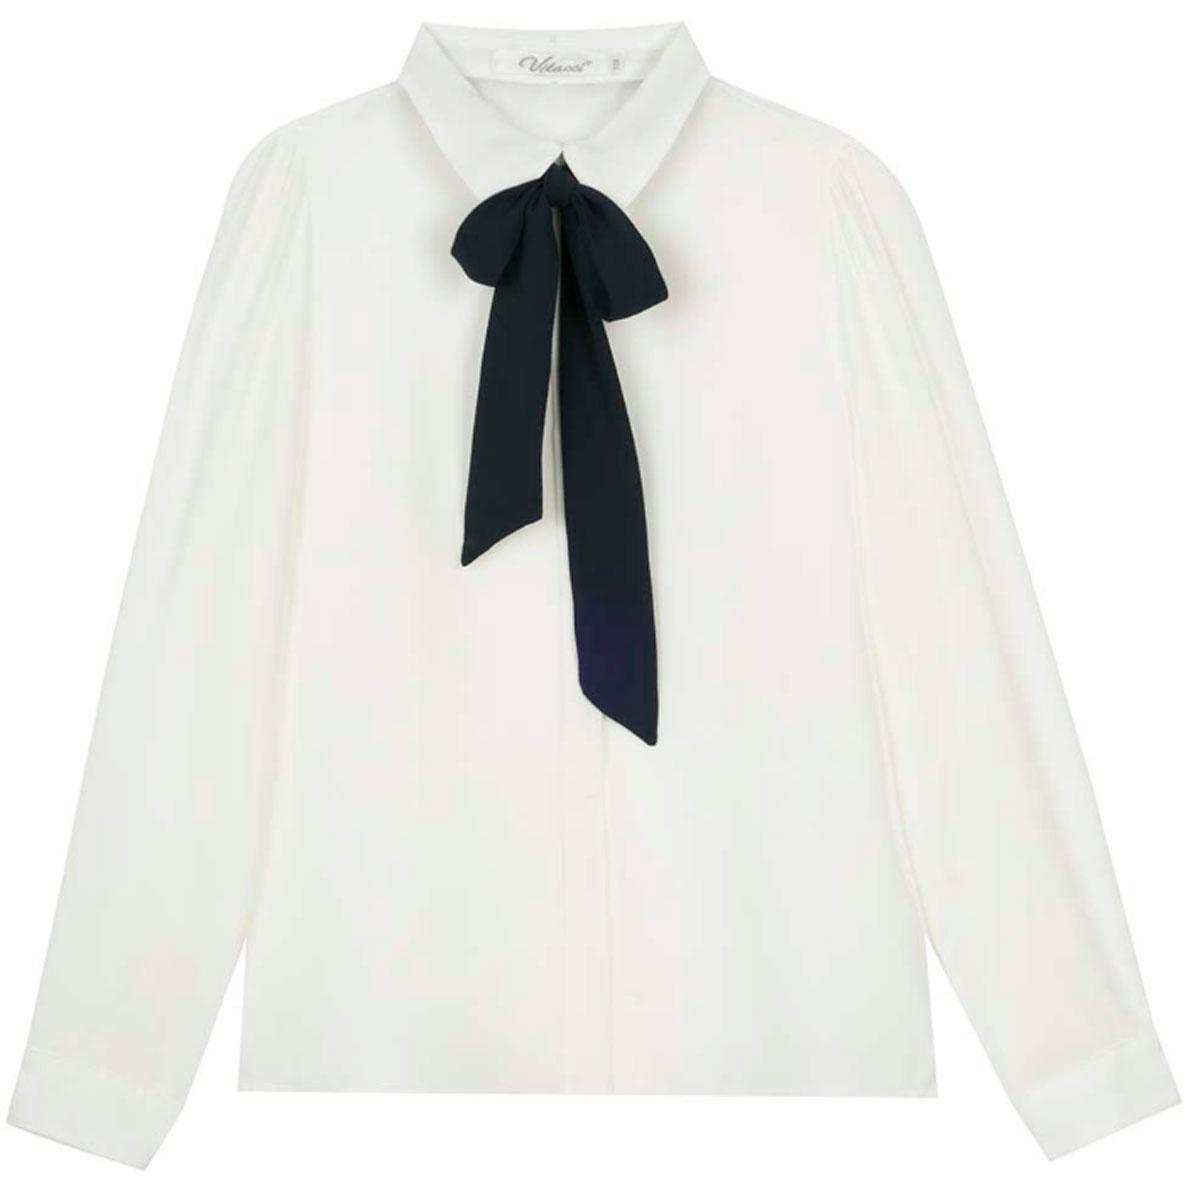 Блузка для девочки Vitacci, цвет: белый. 2173224-01. Размер 1522173224L-01/2173224-01Шифоновая блузка для девочки Vitacci выполнена из 100% полиэстера. Модель имеет длинные рукава и отложной воротник, украшенный контрастным бантом. Застегивается на пуговицы, скрытые планкой. Классическая блузка отлично подойдет для школы.